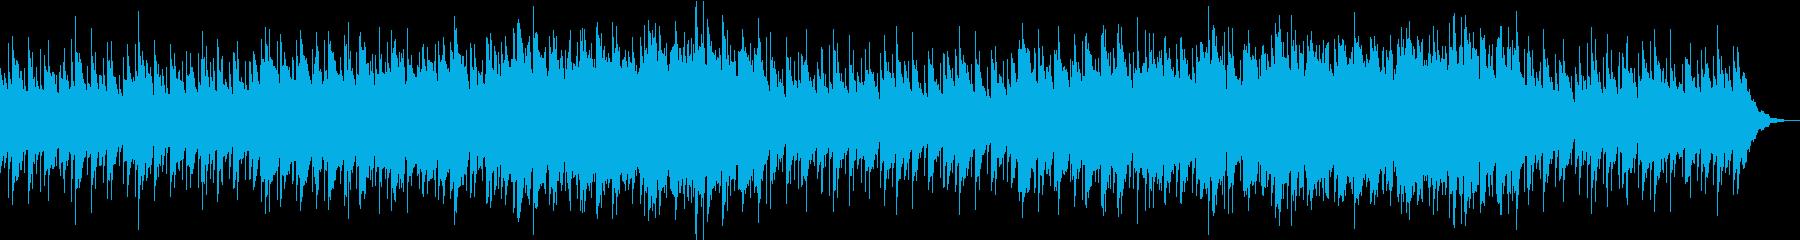 アコースティックギターの睡眠導入BGMの再生済みの波形